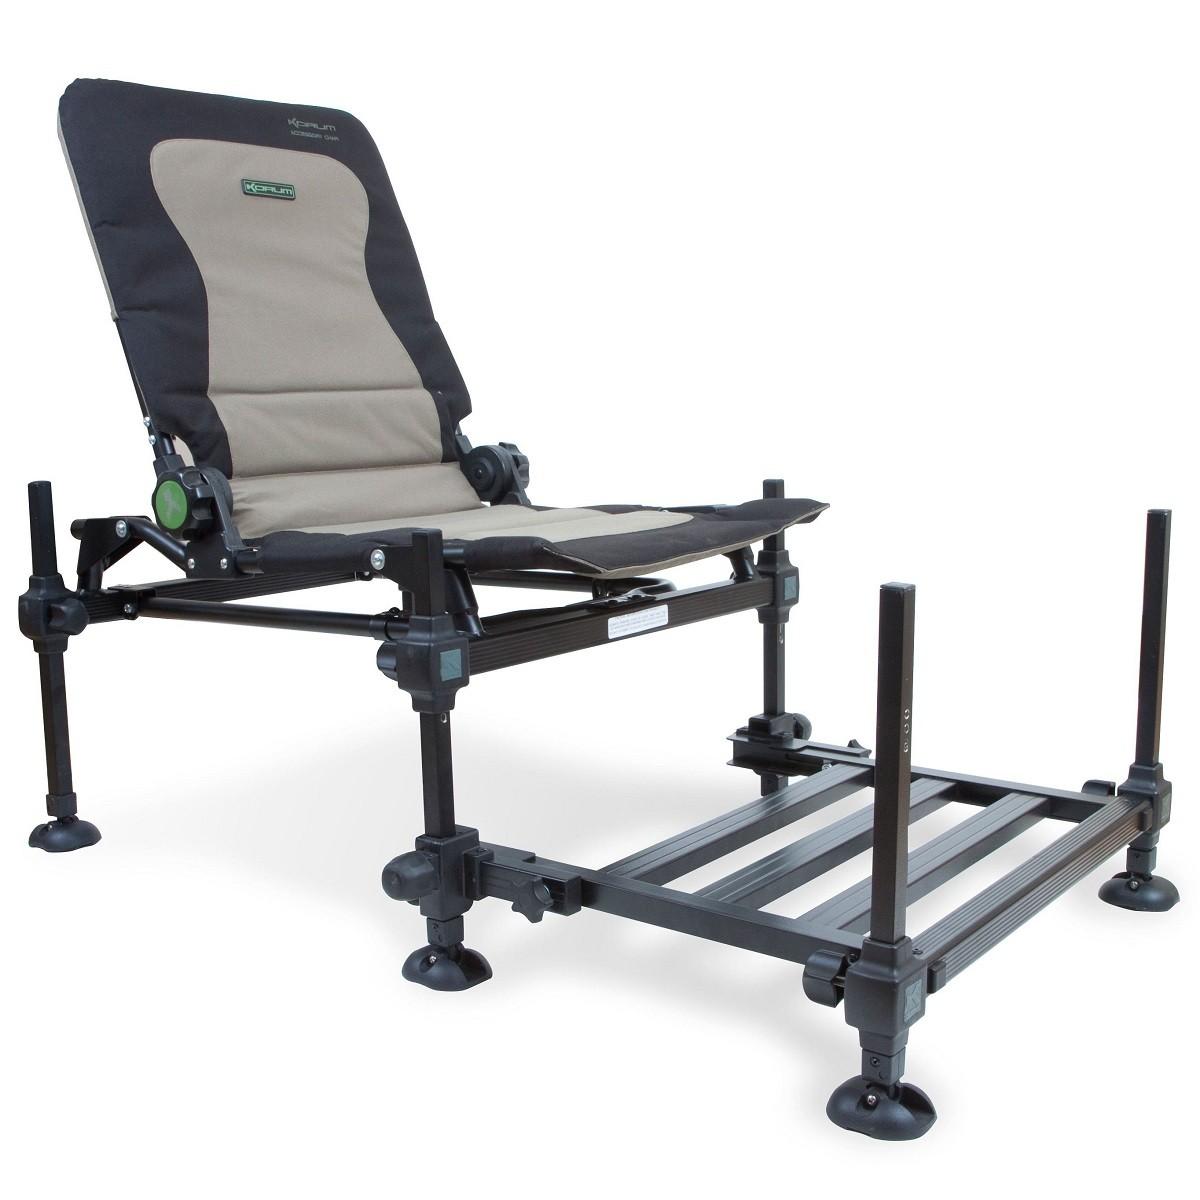 Скара за стол Korum Chair Footplate